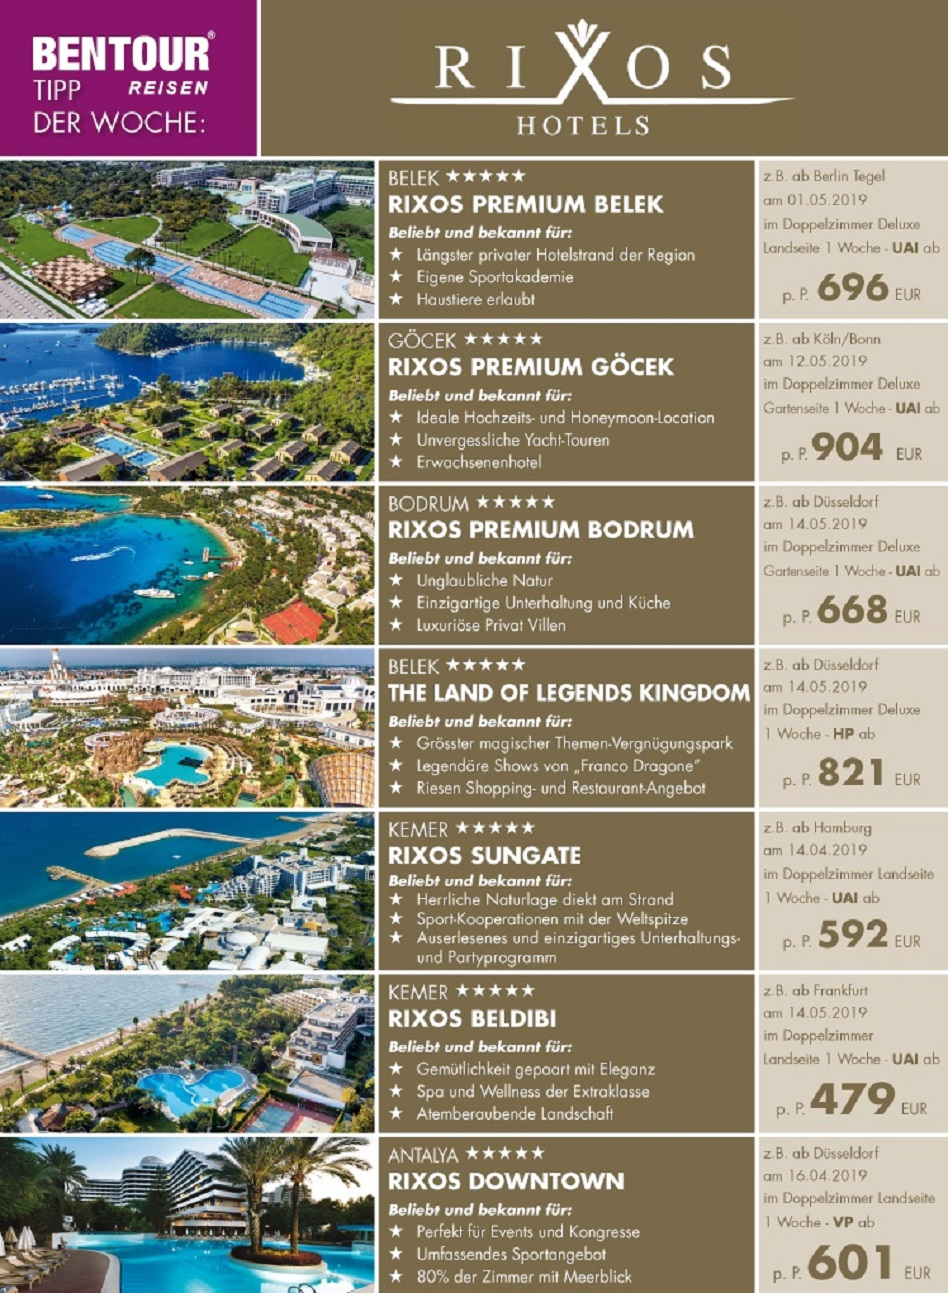 Luxusurlaub Türkei 2019 buchen Luxushotel Rixos Beleg, Rixos Premium Bodrum, Rixos Belek The Land of Legends Kingdom, Rixos Türkeireise Rixos Beldibi Kemer,Antalya Urlaub 2019